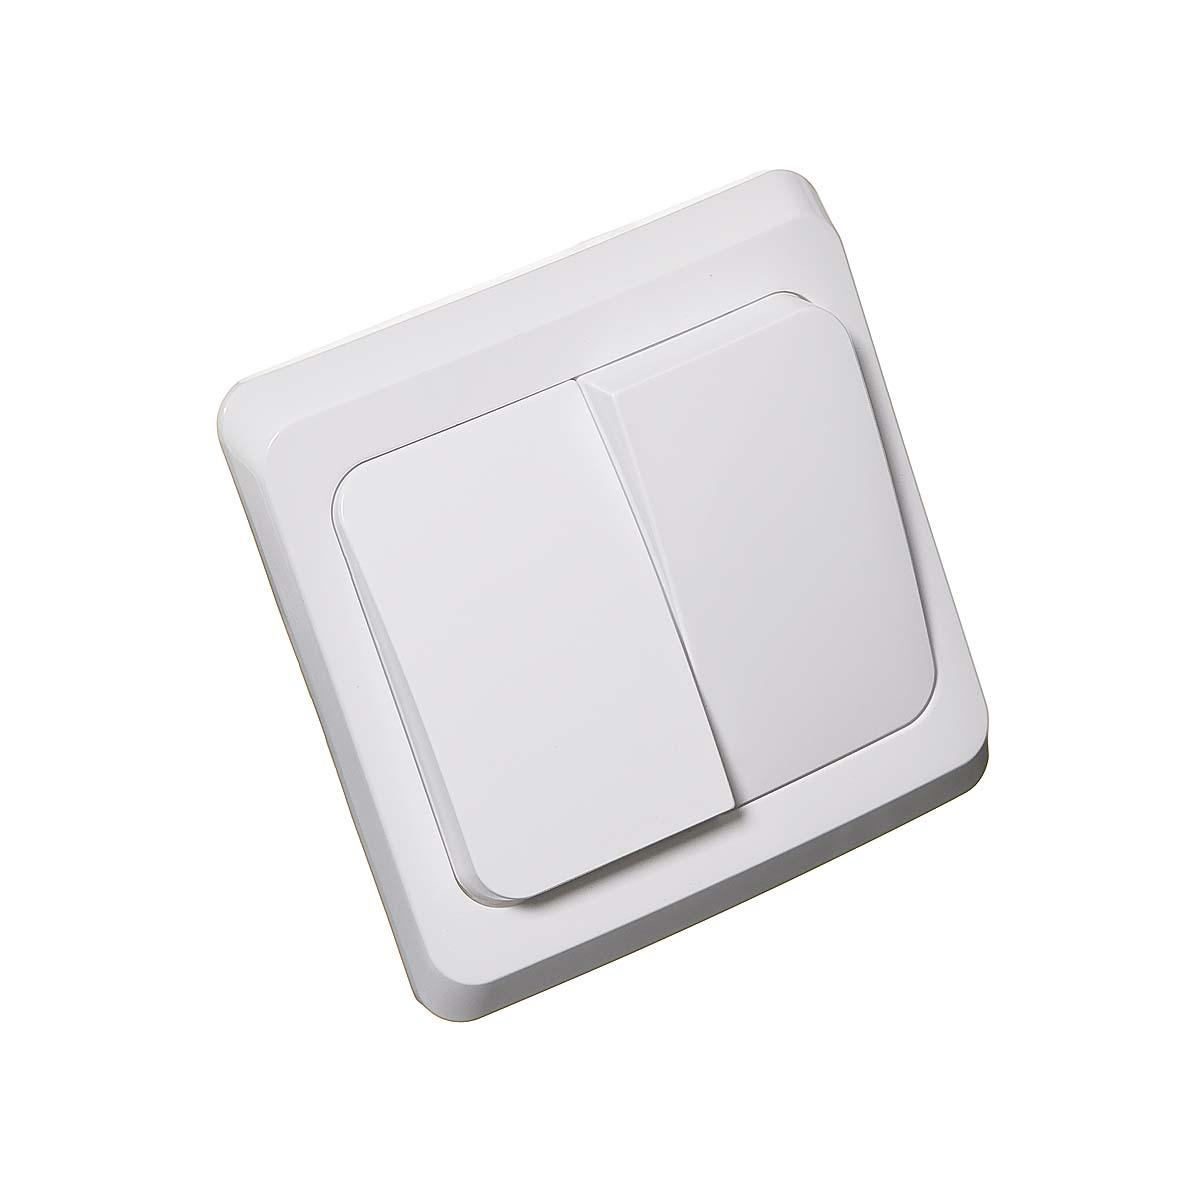 Выключатель двухклавишный с/у Этюд белый